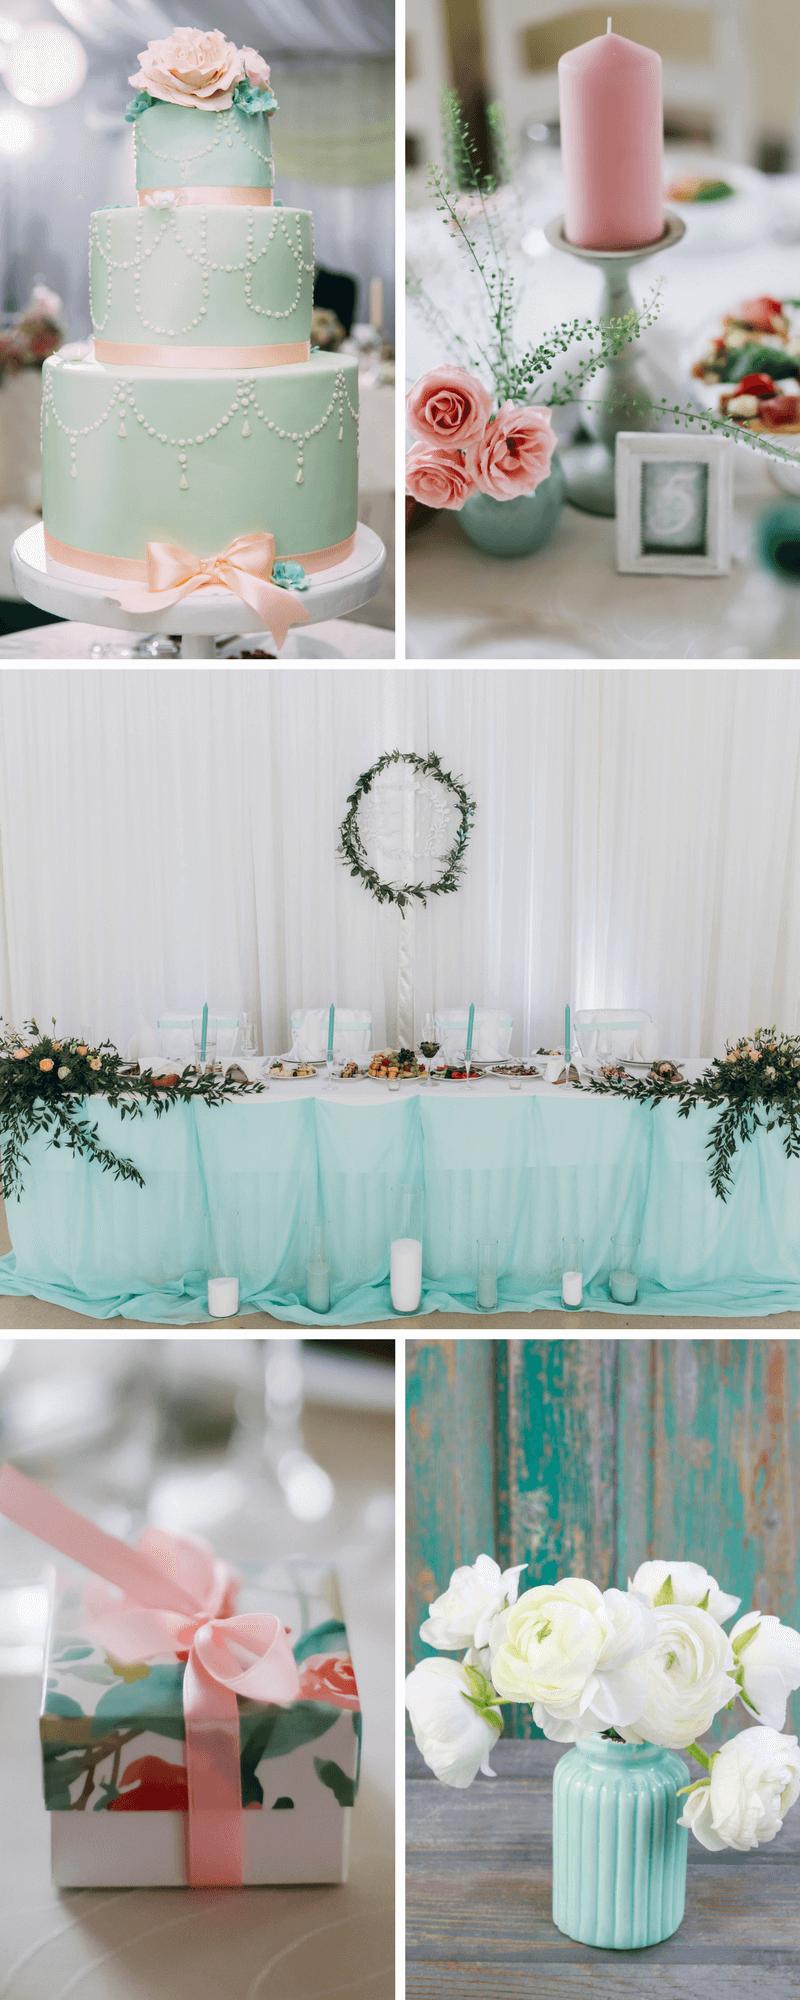 Fruhlingshochzeit In Rosa Und Mint Turkis Hochzeitskiste